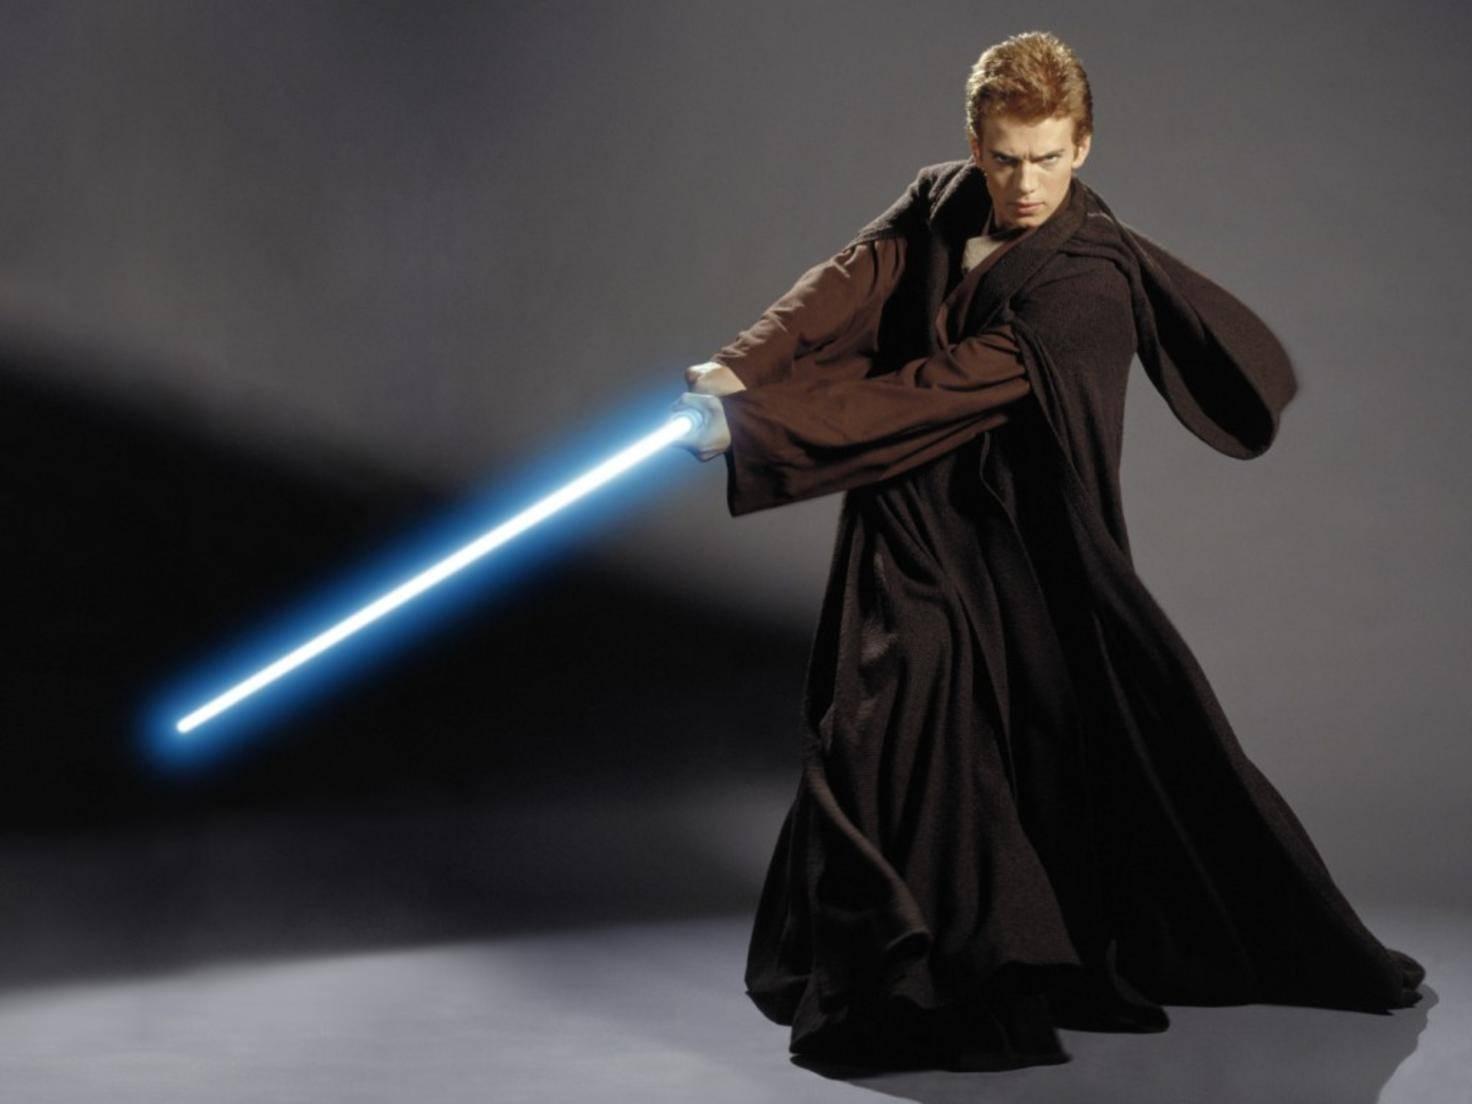 Lichtschwert aus Star Wars